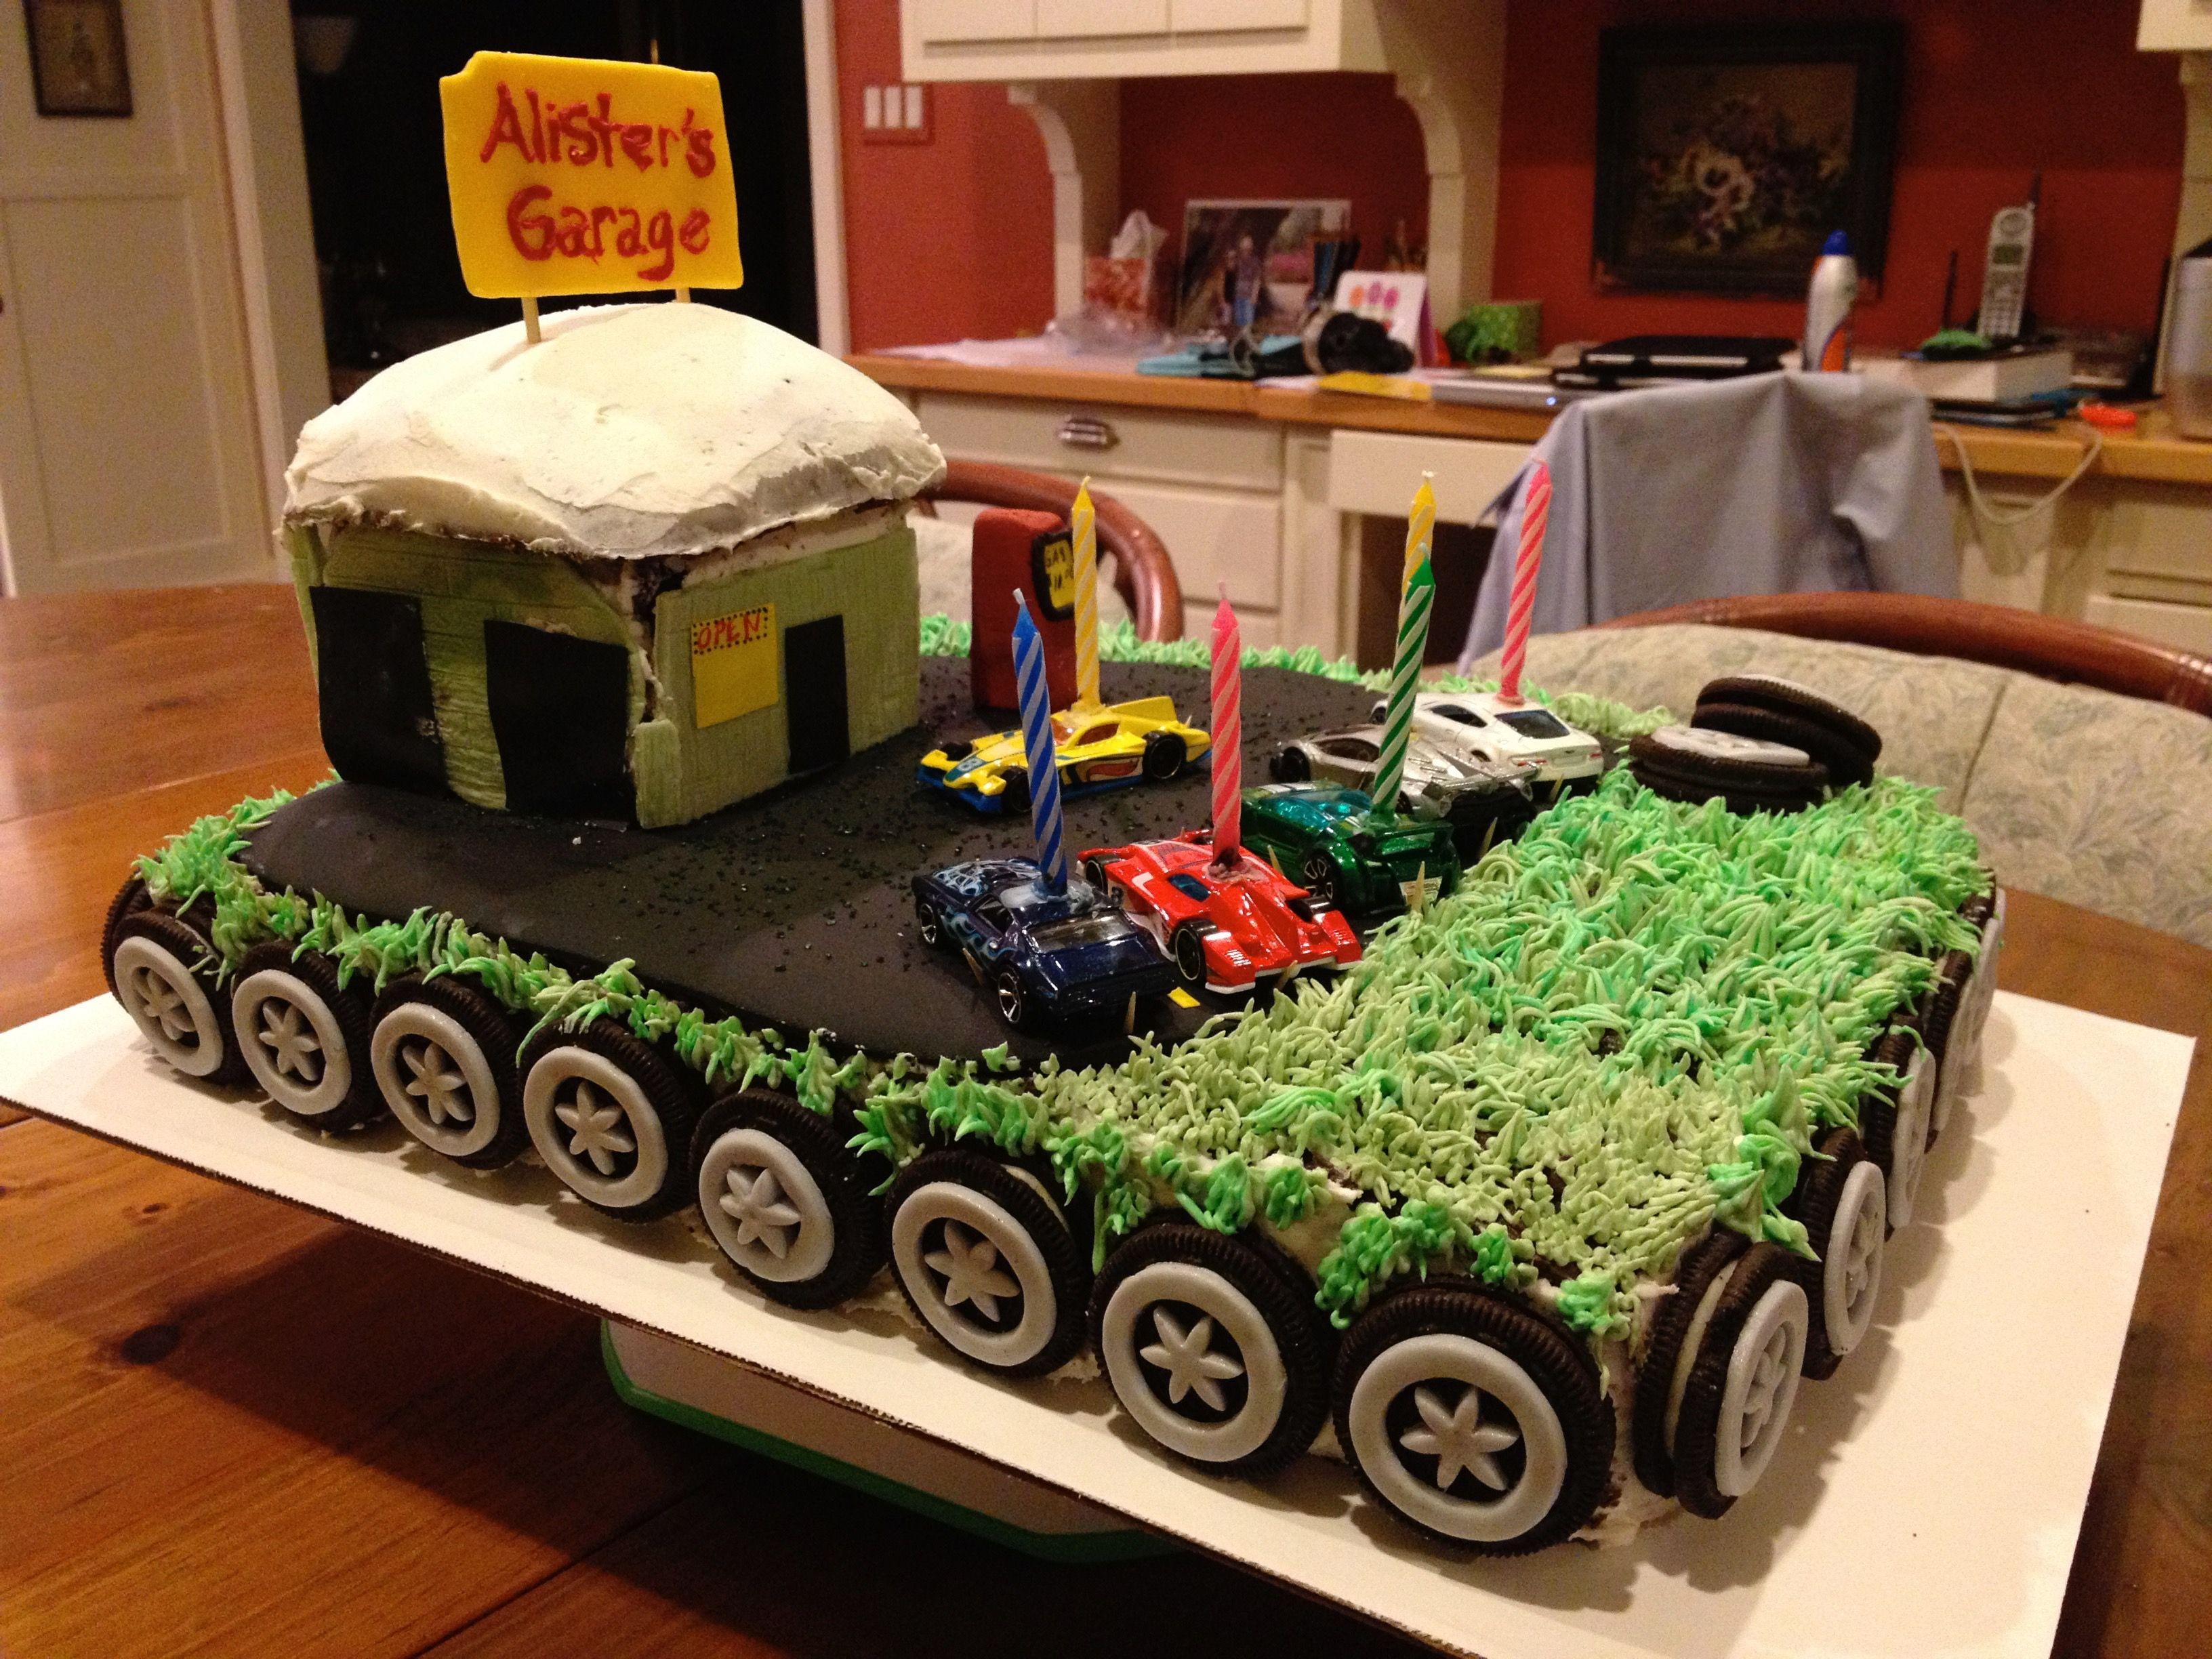 Car Garage Cake My Cakes Pinterest Car garage and Cake